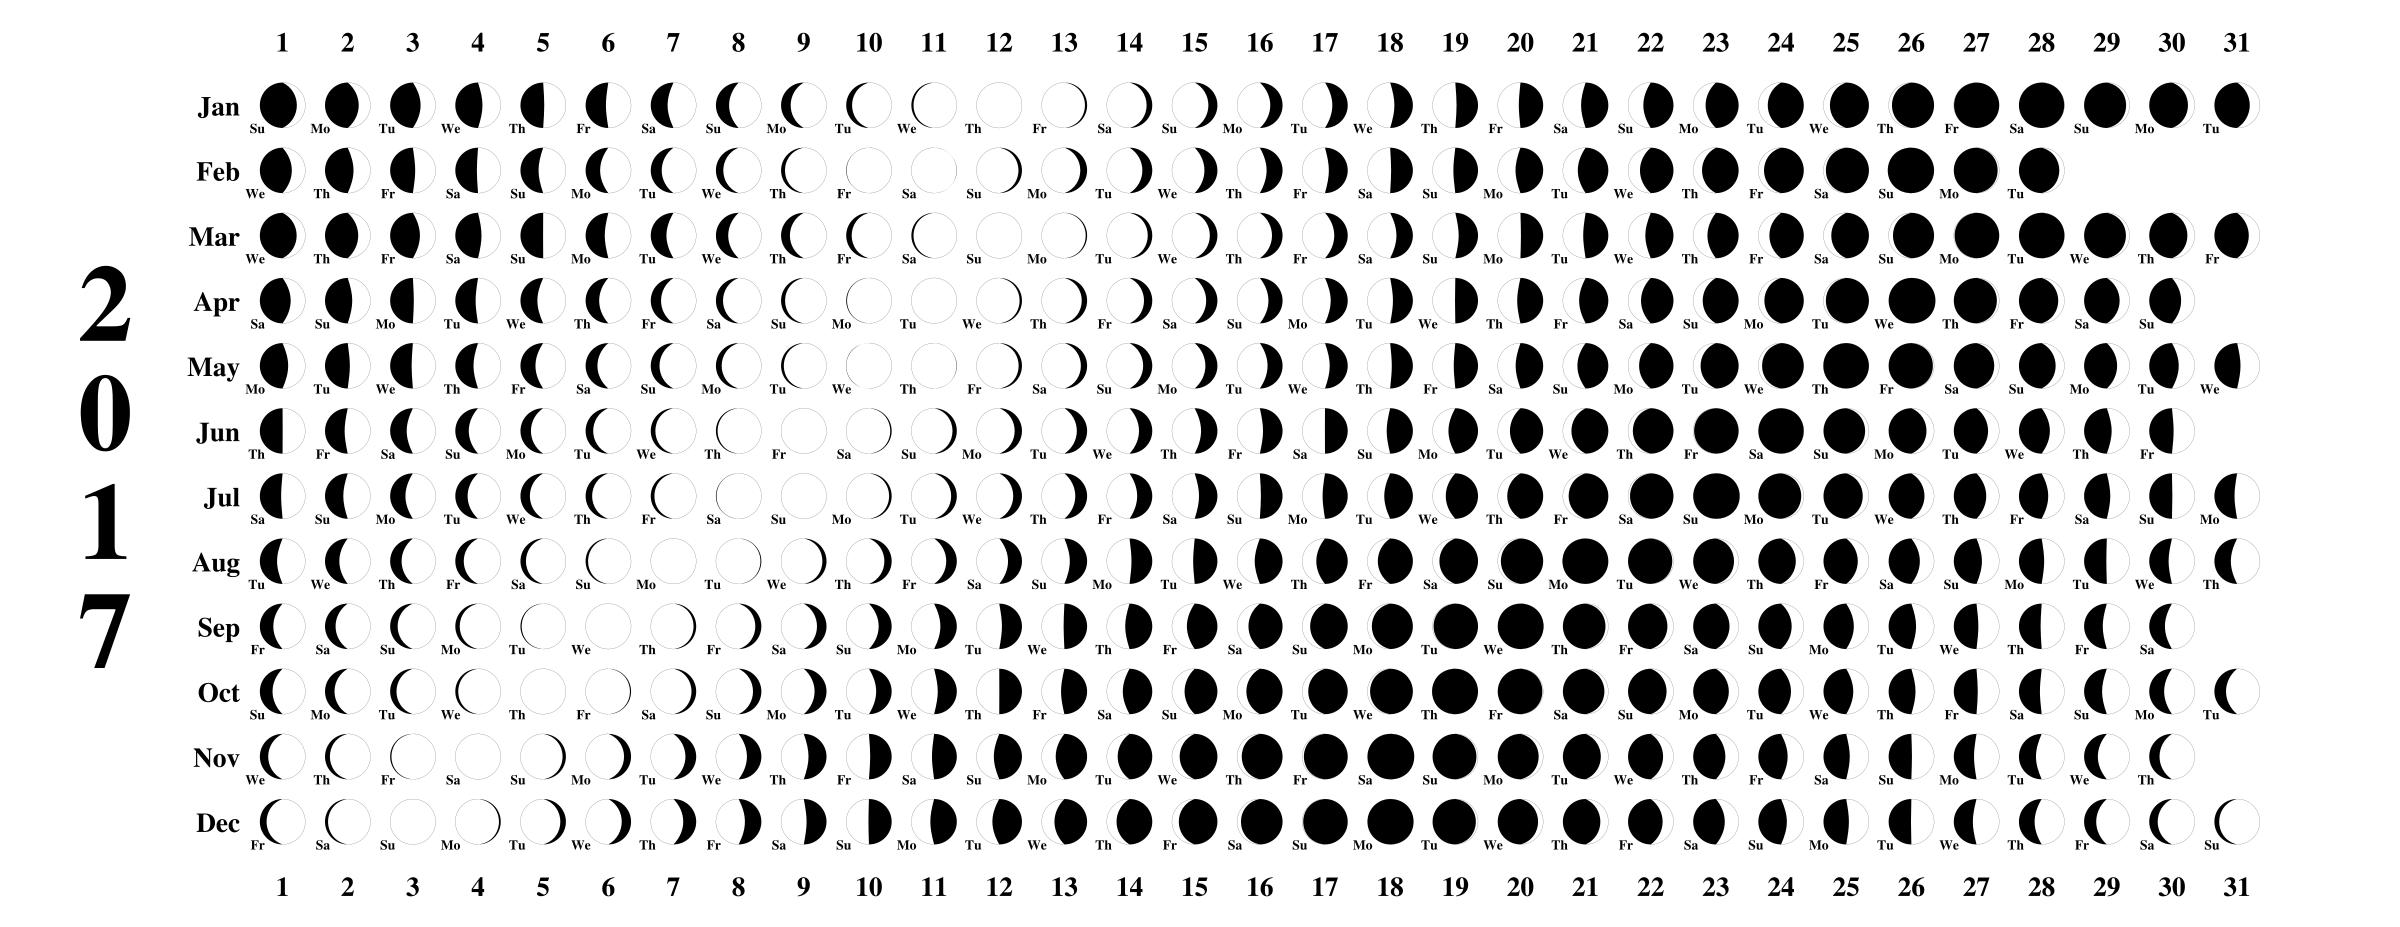 2017 Moon Calendar Do It And How